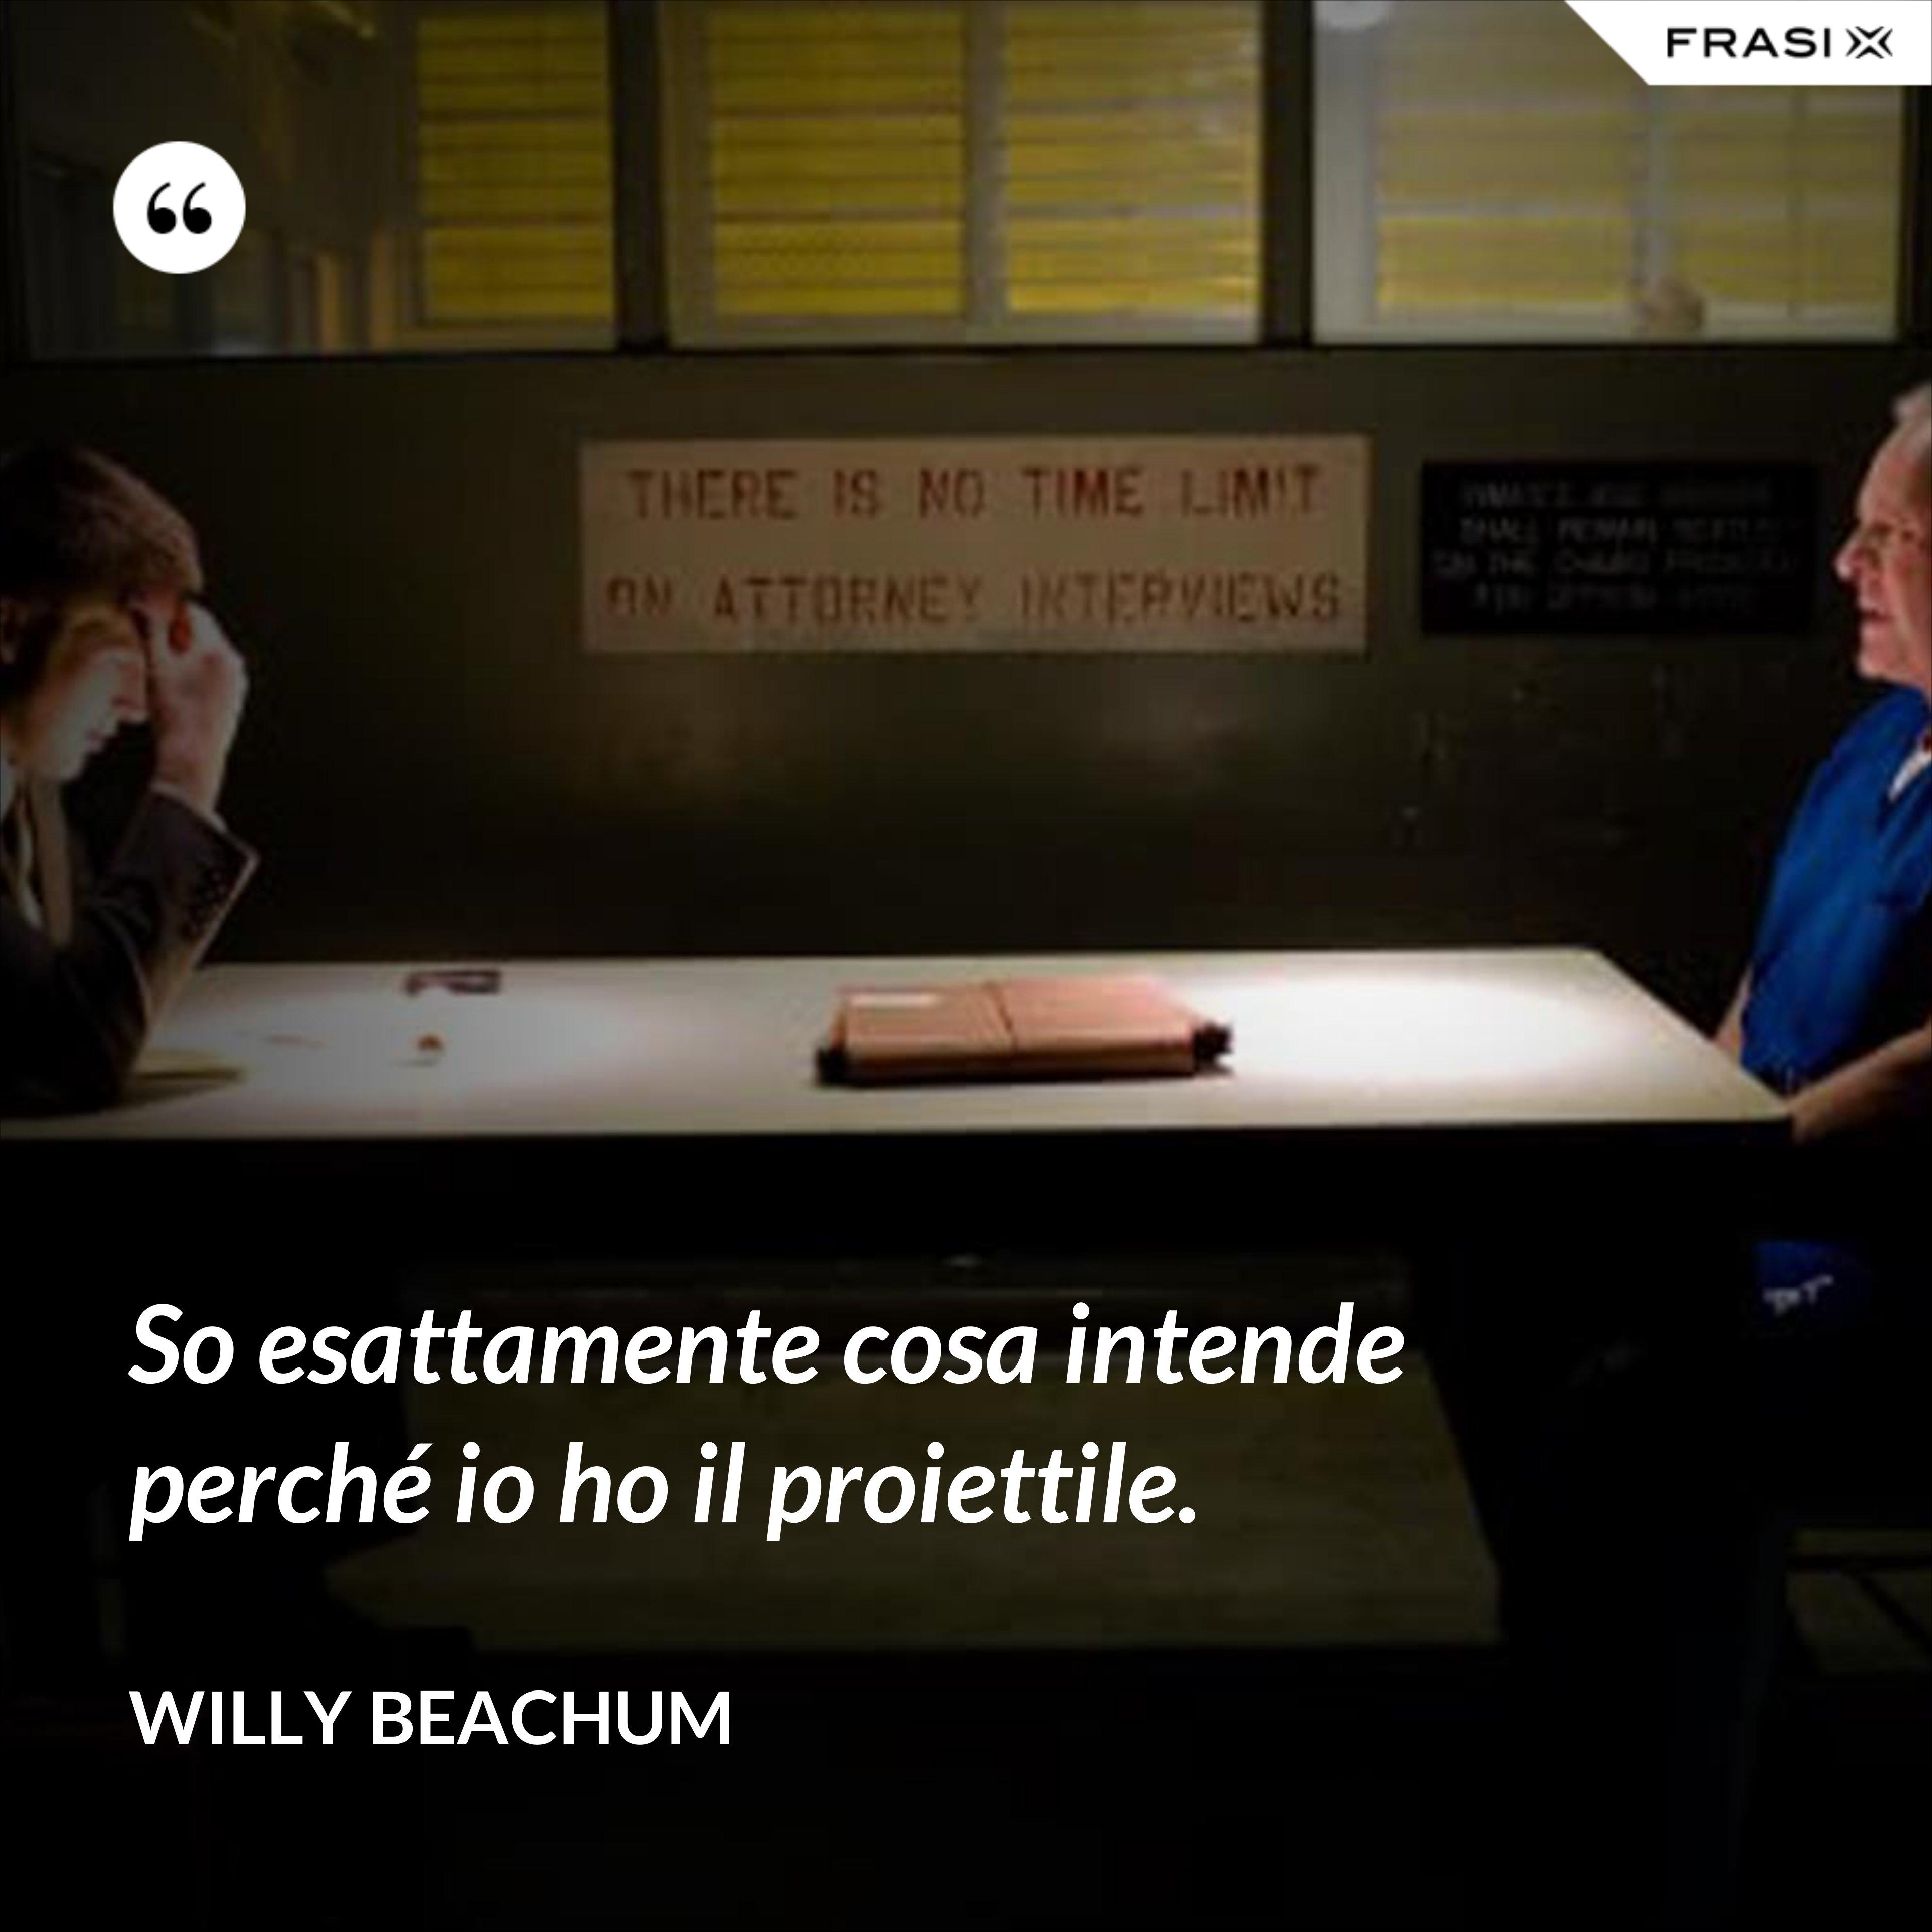 So esattamente cosa intende perché io ho il proiettile. - Willy Beachum